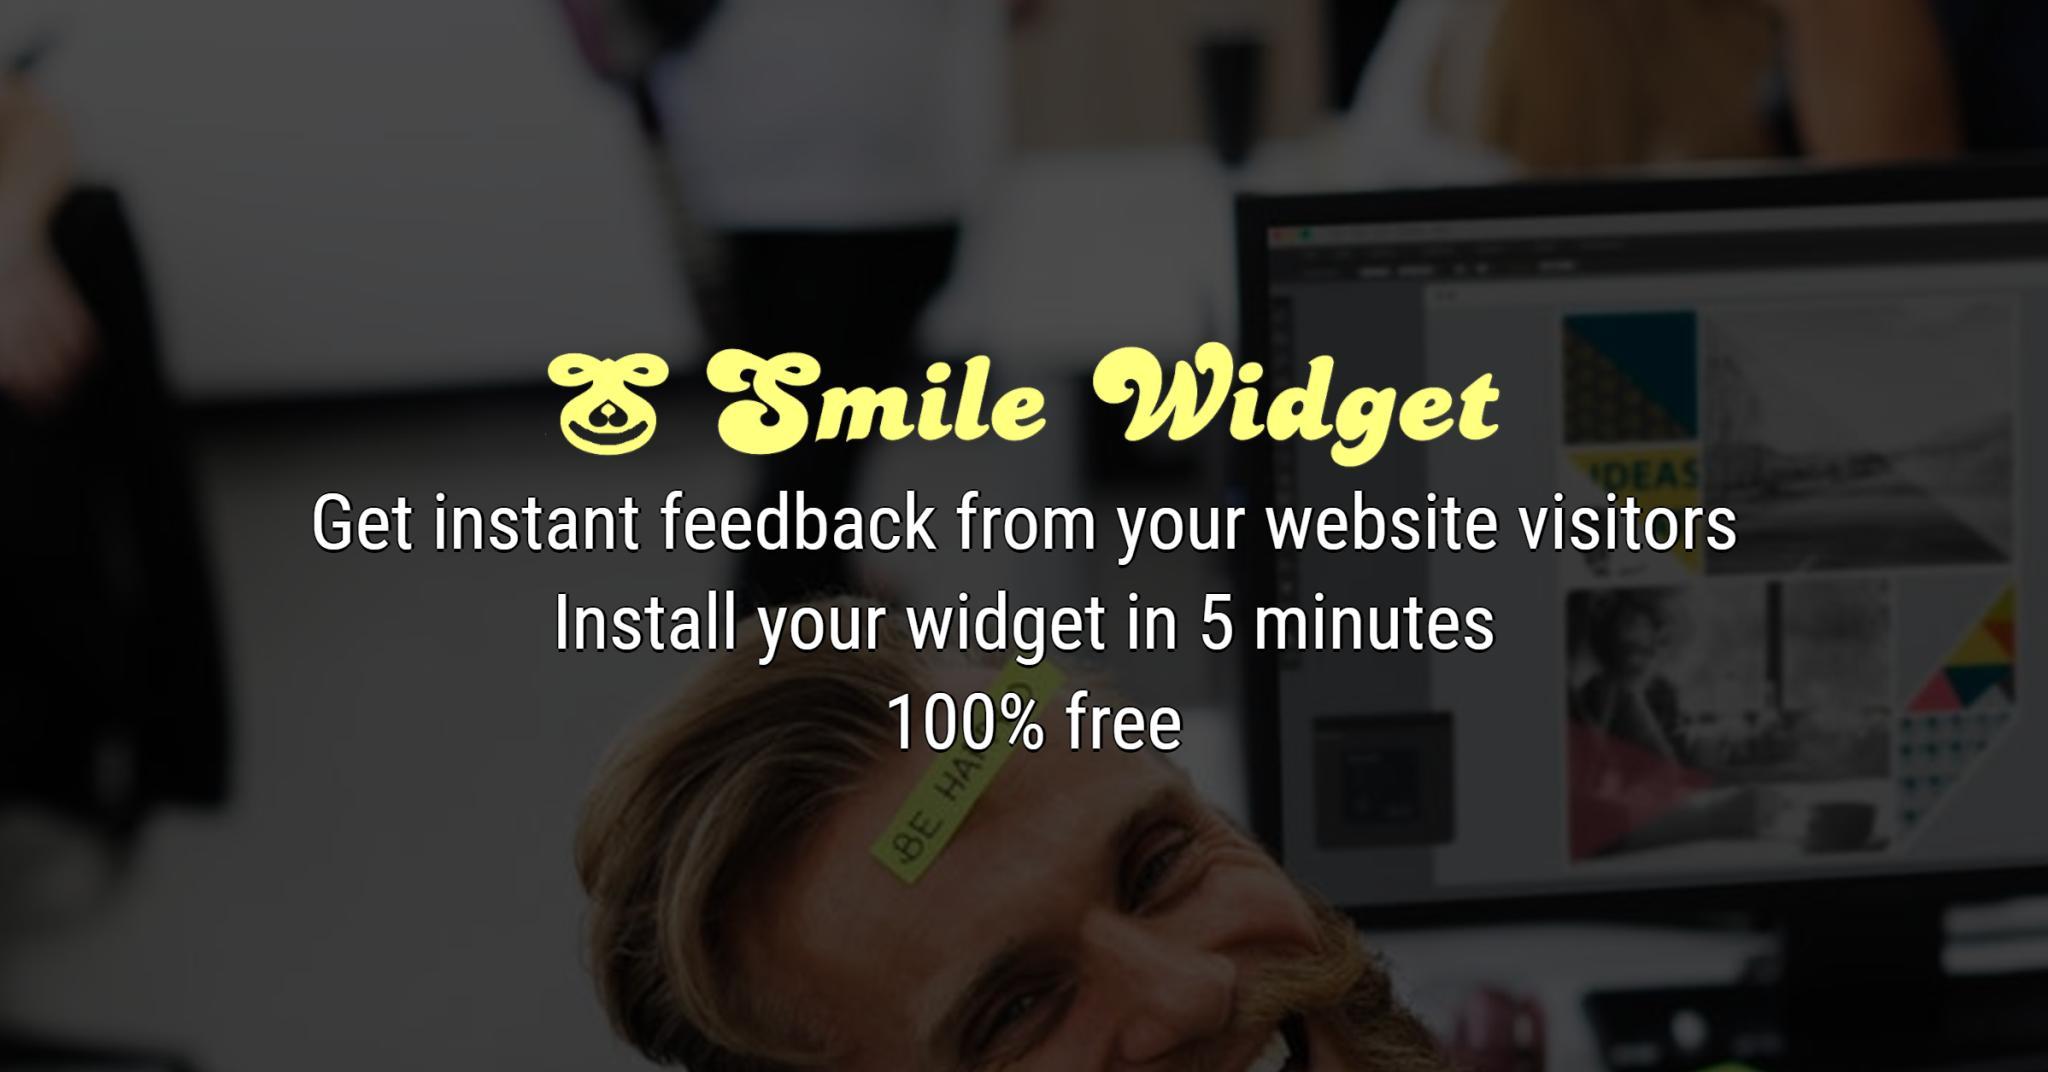 SmileWidget